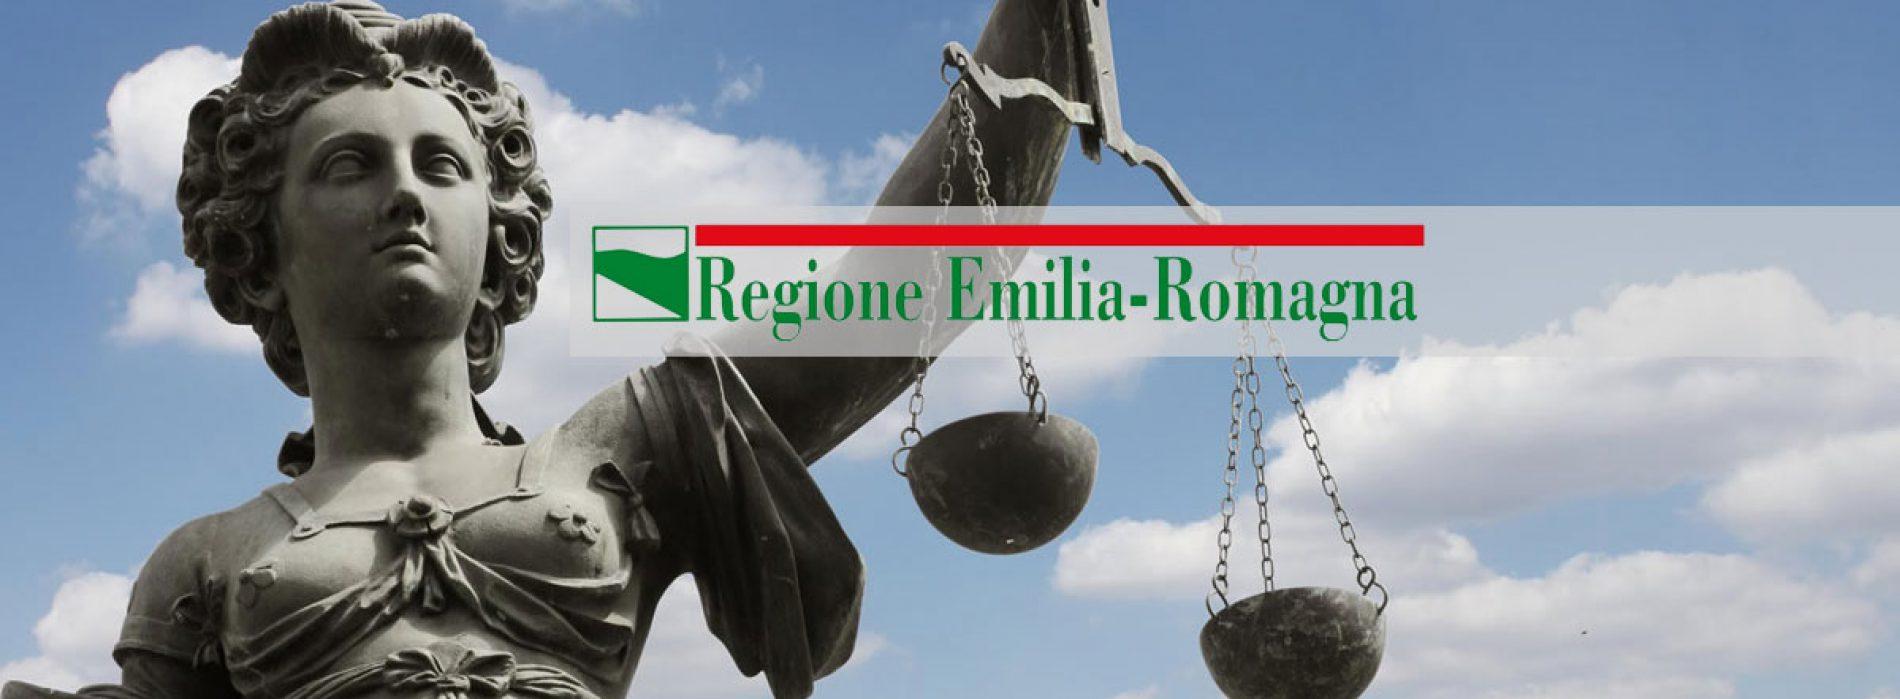 Emilia Romagna: la Giunta Regionale approva il nuovo Testo Unico sulla legalità